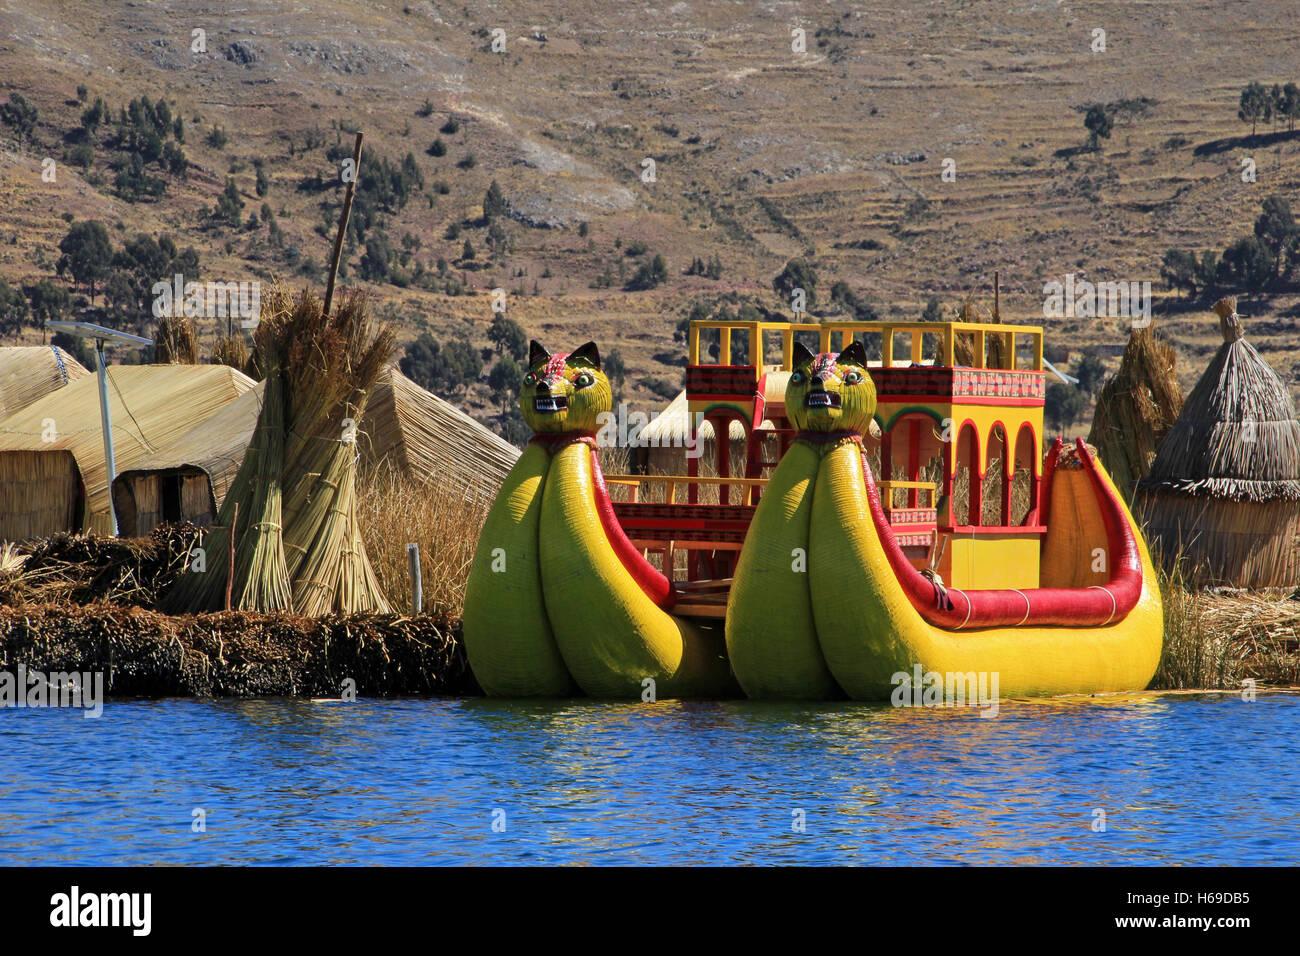 Totora reed floating islands Uros, lake Titicaca, Peru - Stock Image